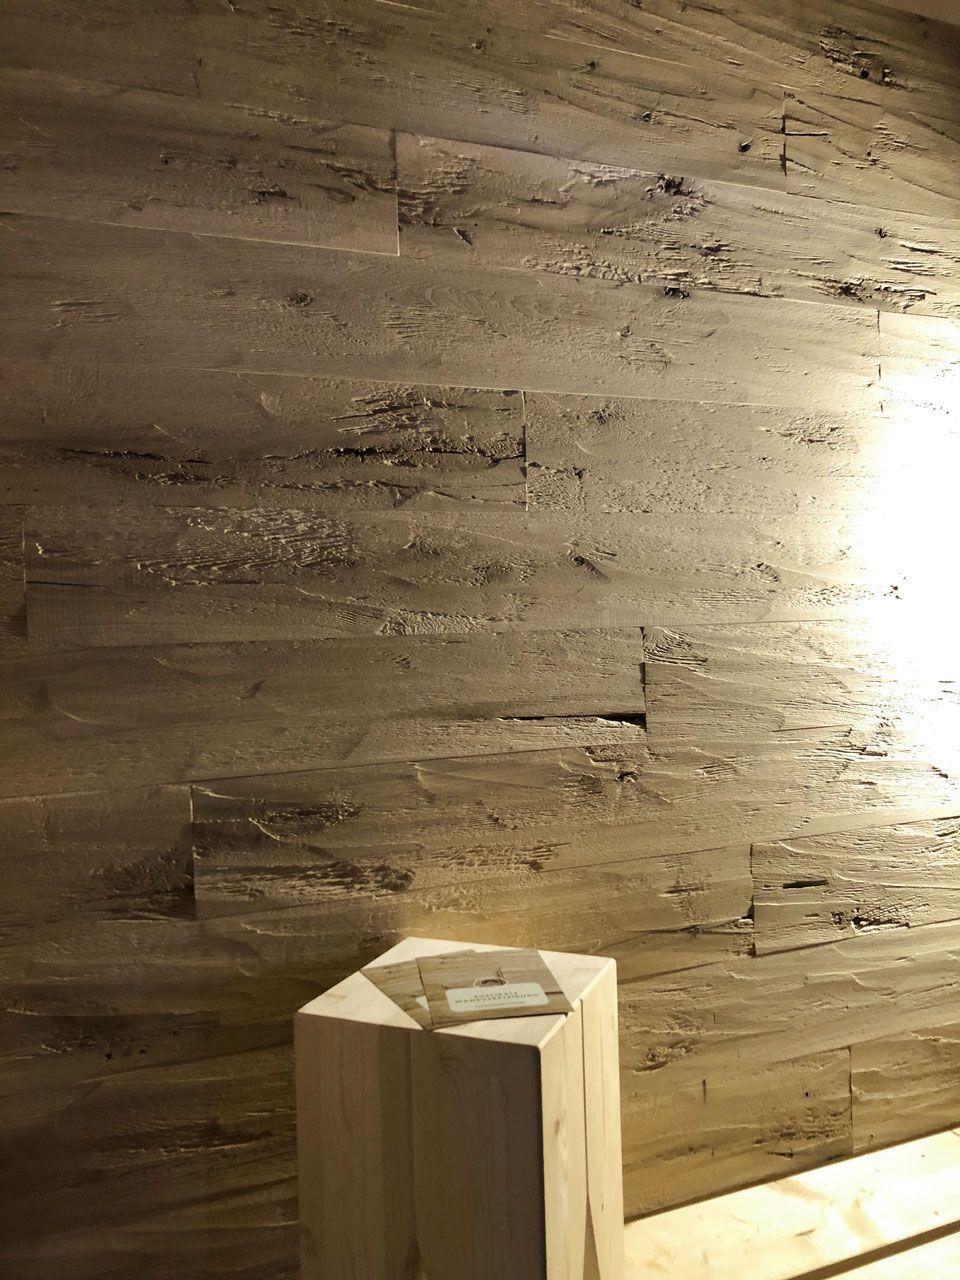 Pin Von Dirk Auf Tisch In 2020 Altholz Wandverkleidung Wandverkleidung Holz Wandverkleidung